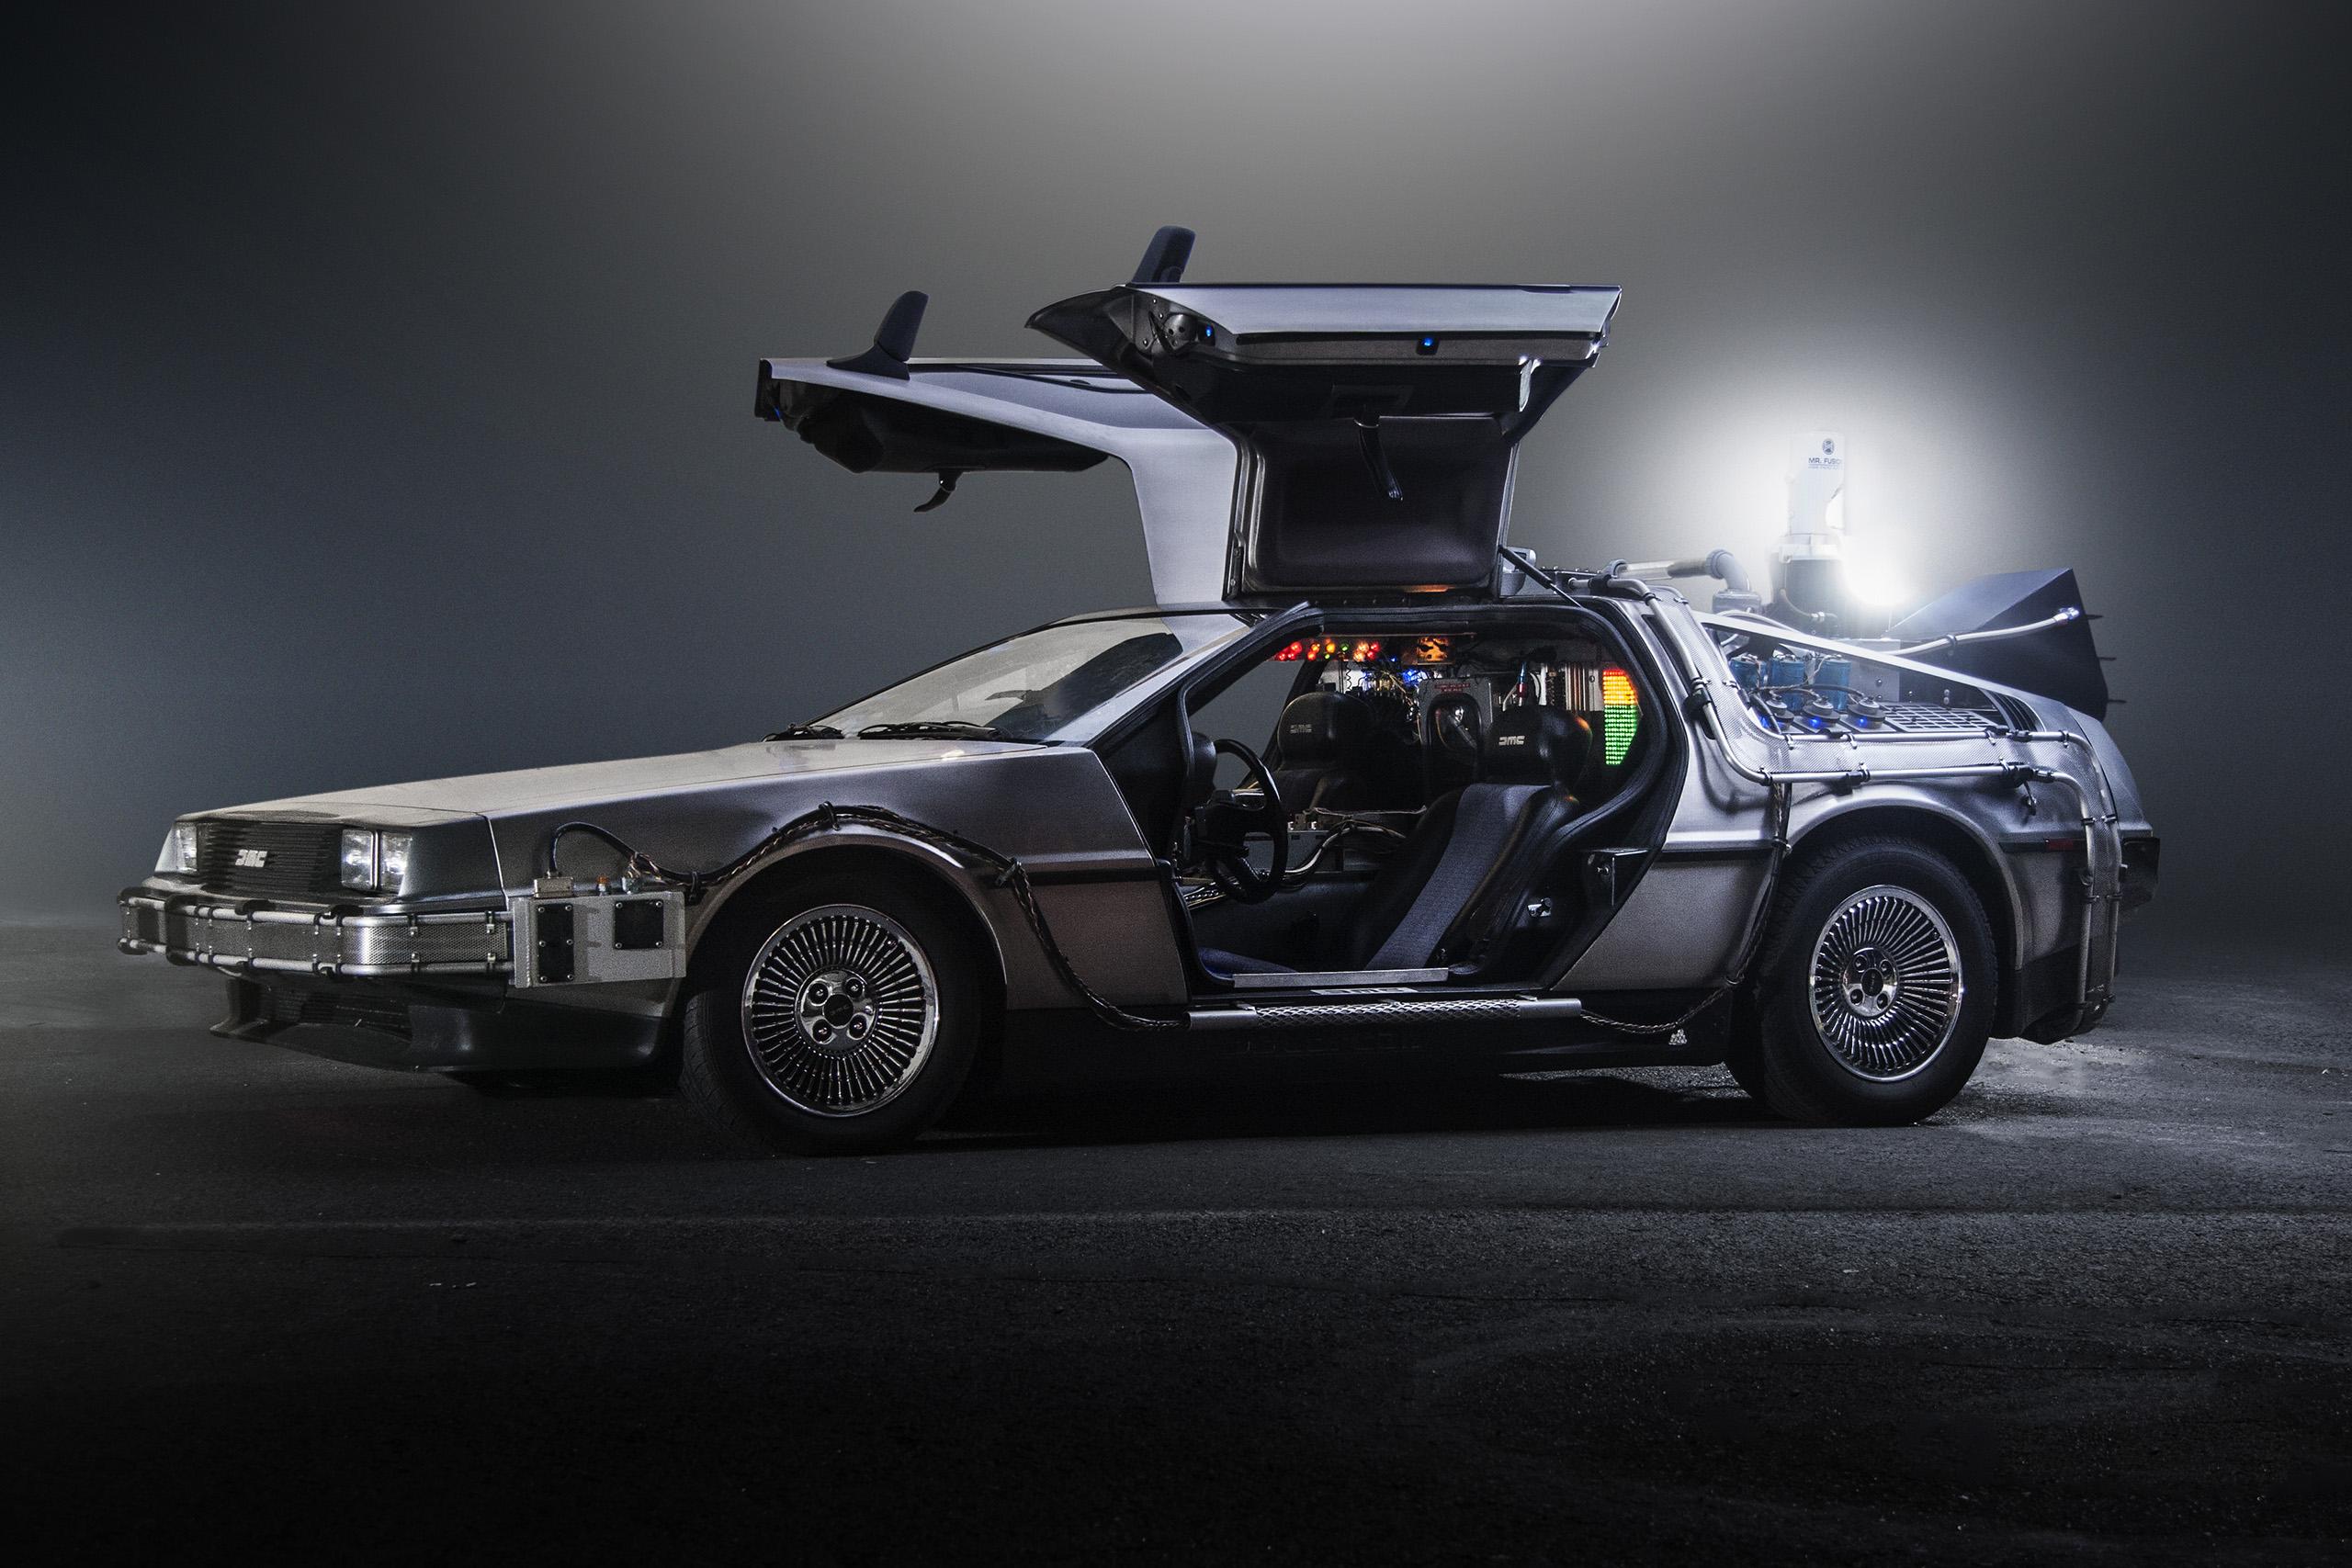 'TeamTimeCar.com' Back to the Future DeLorean Time Machine